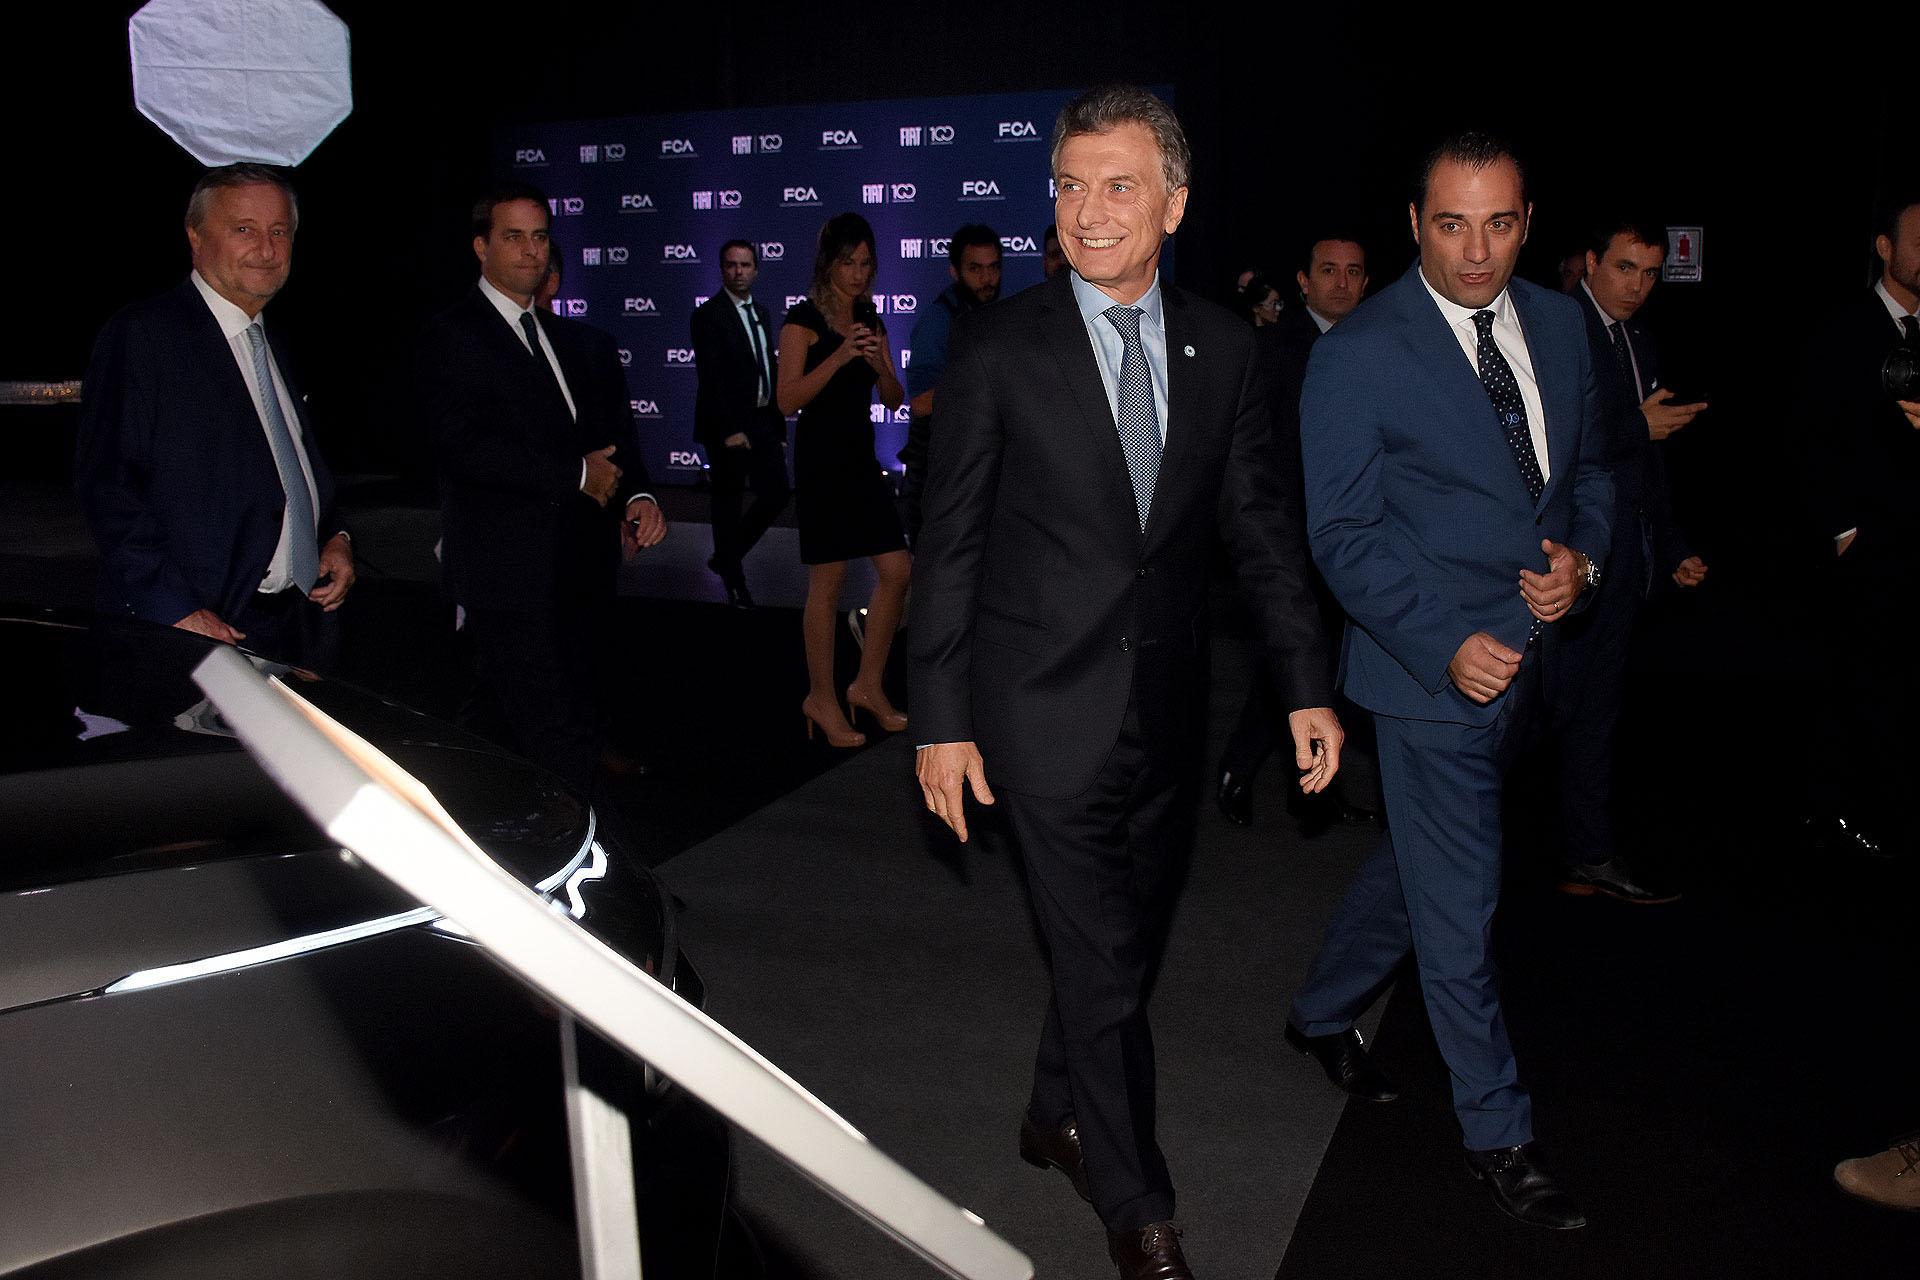 """Mauricio Macri y Antonio Filosa, quien expresó: """"Hoy no celebramos el fin de un ciclo histórico: nos juntamos, en verdad, para sumar fuerzas para hacer frente a un nuevo siglo de desafíos y oportunidades que se abren delante de nosotros"""""""